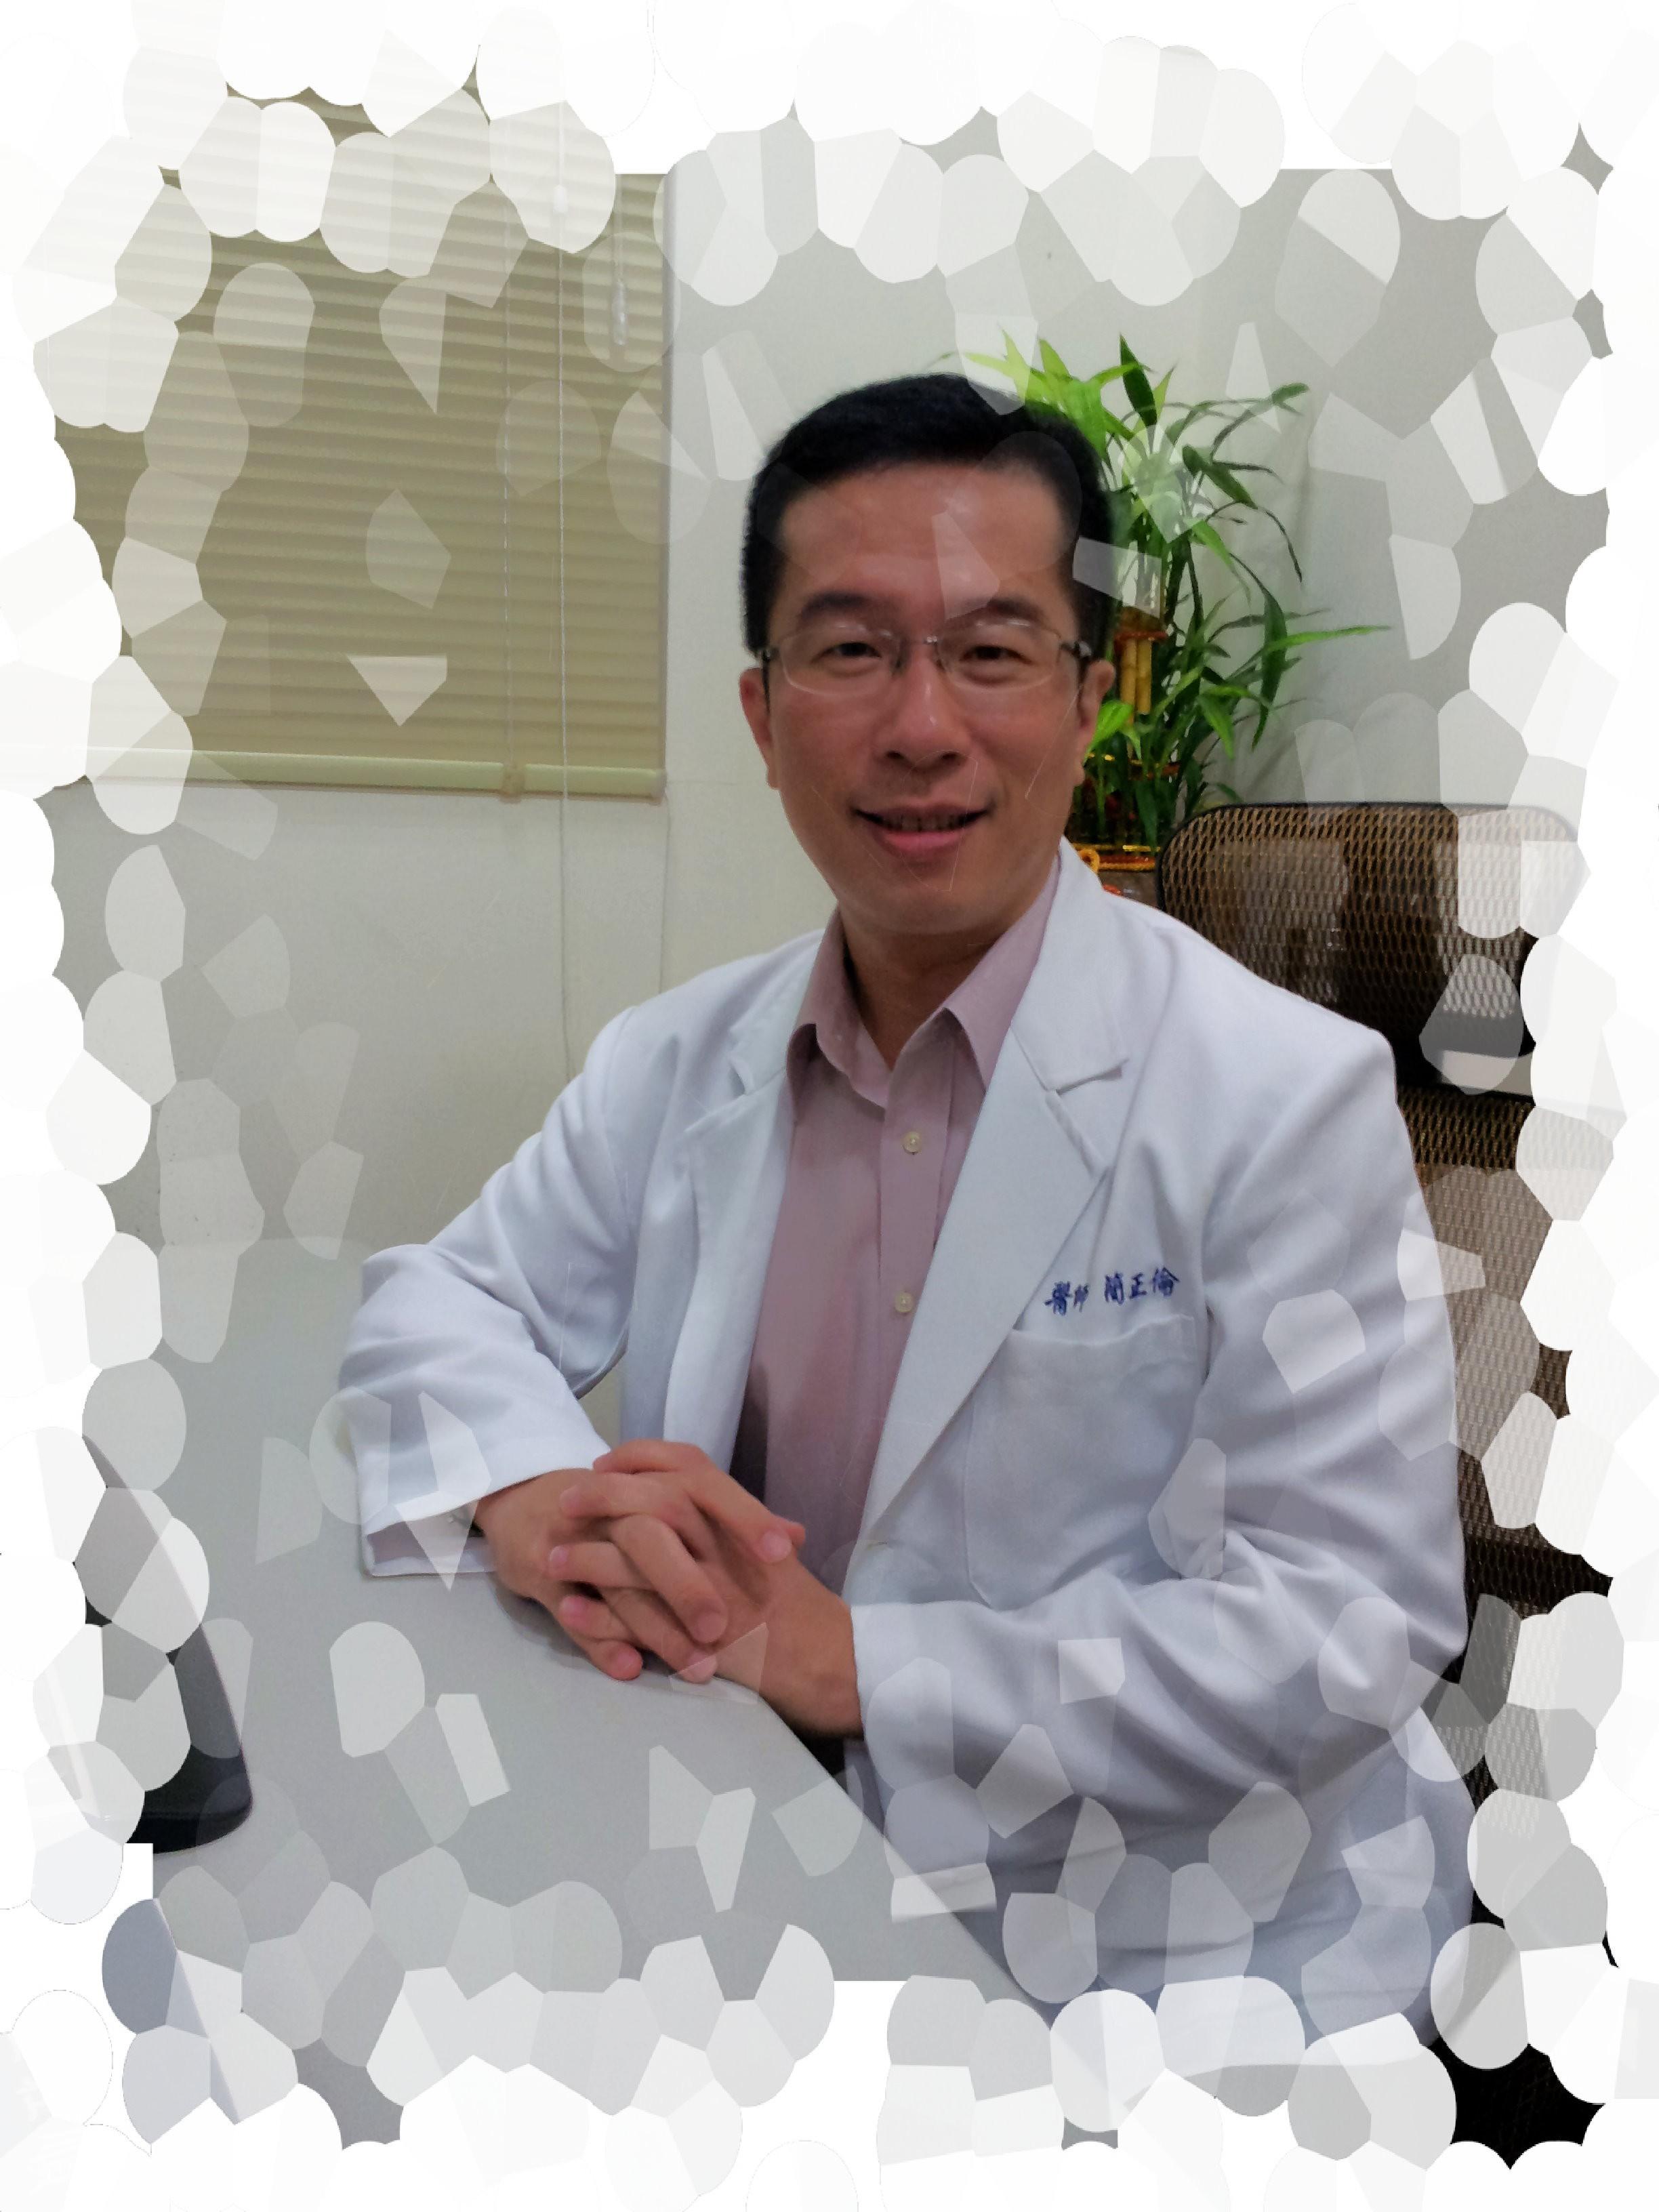 簡正倫醫師 | 正元中醫診所(原:陳俊明中醫師診所)